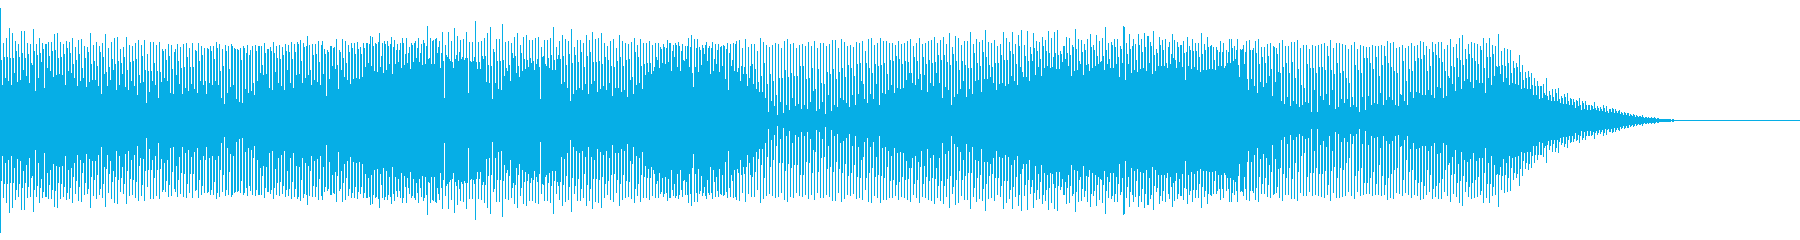 緊張感のあるシーンを描写の再生済みの波形